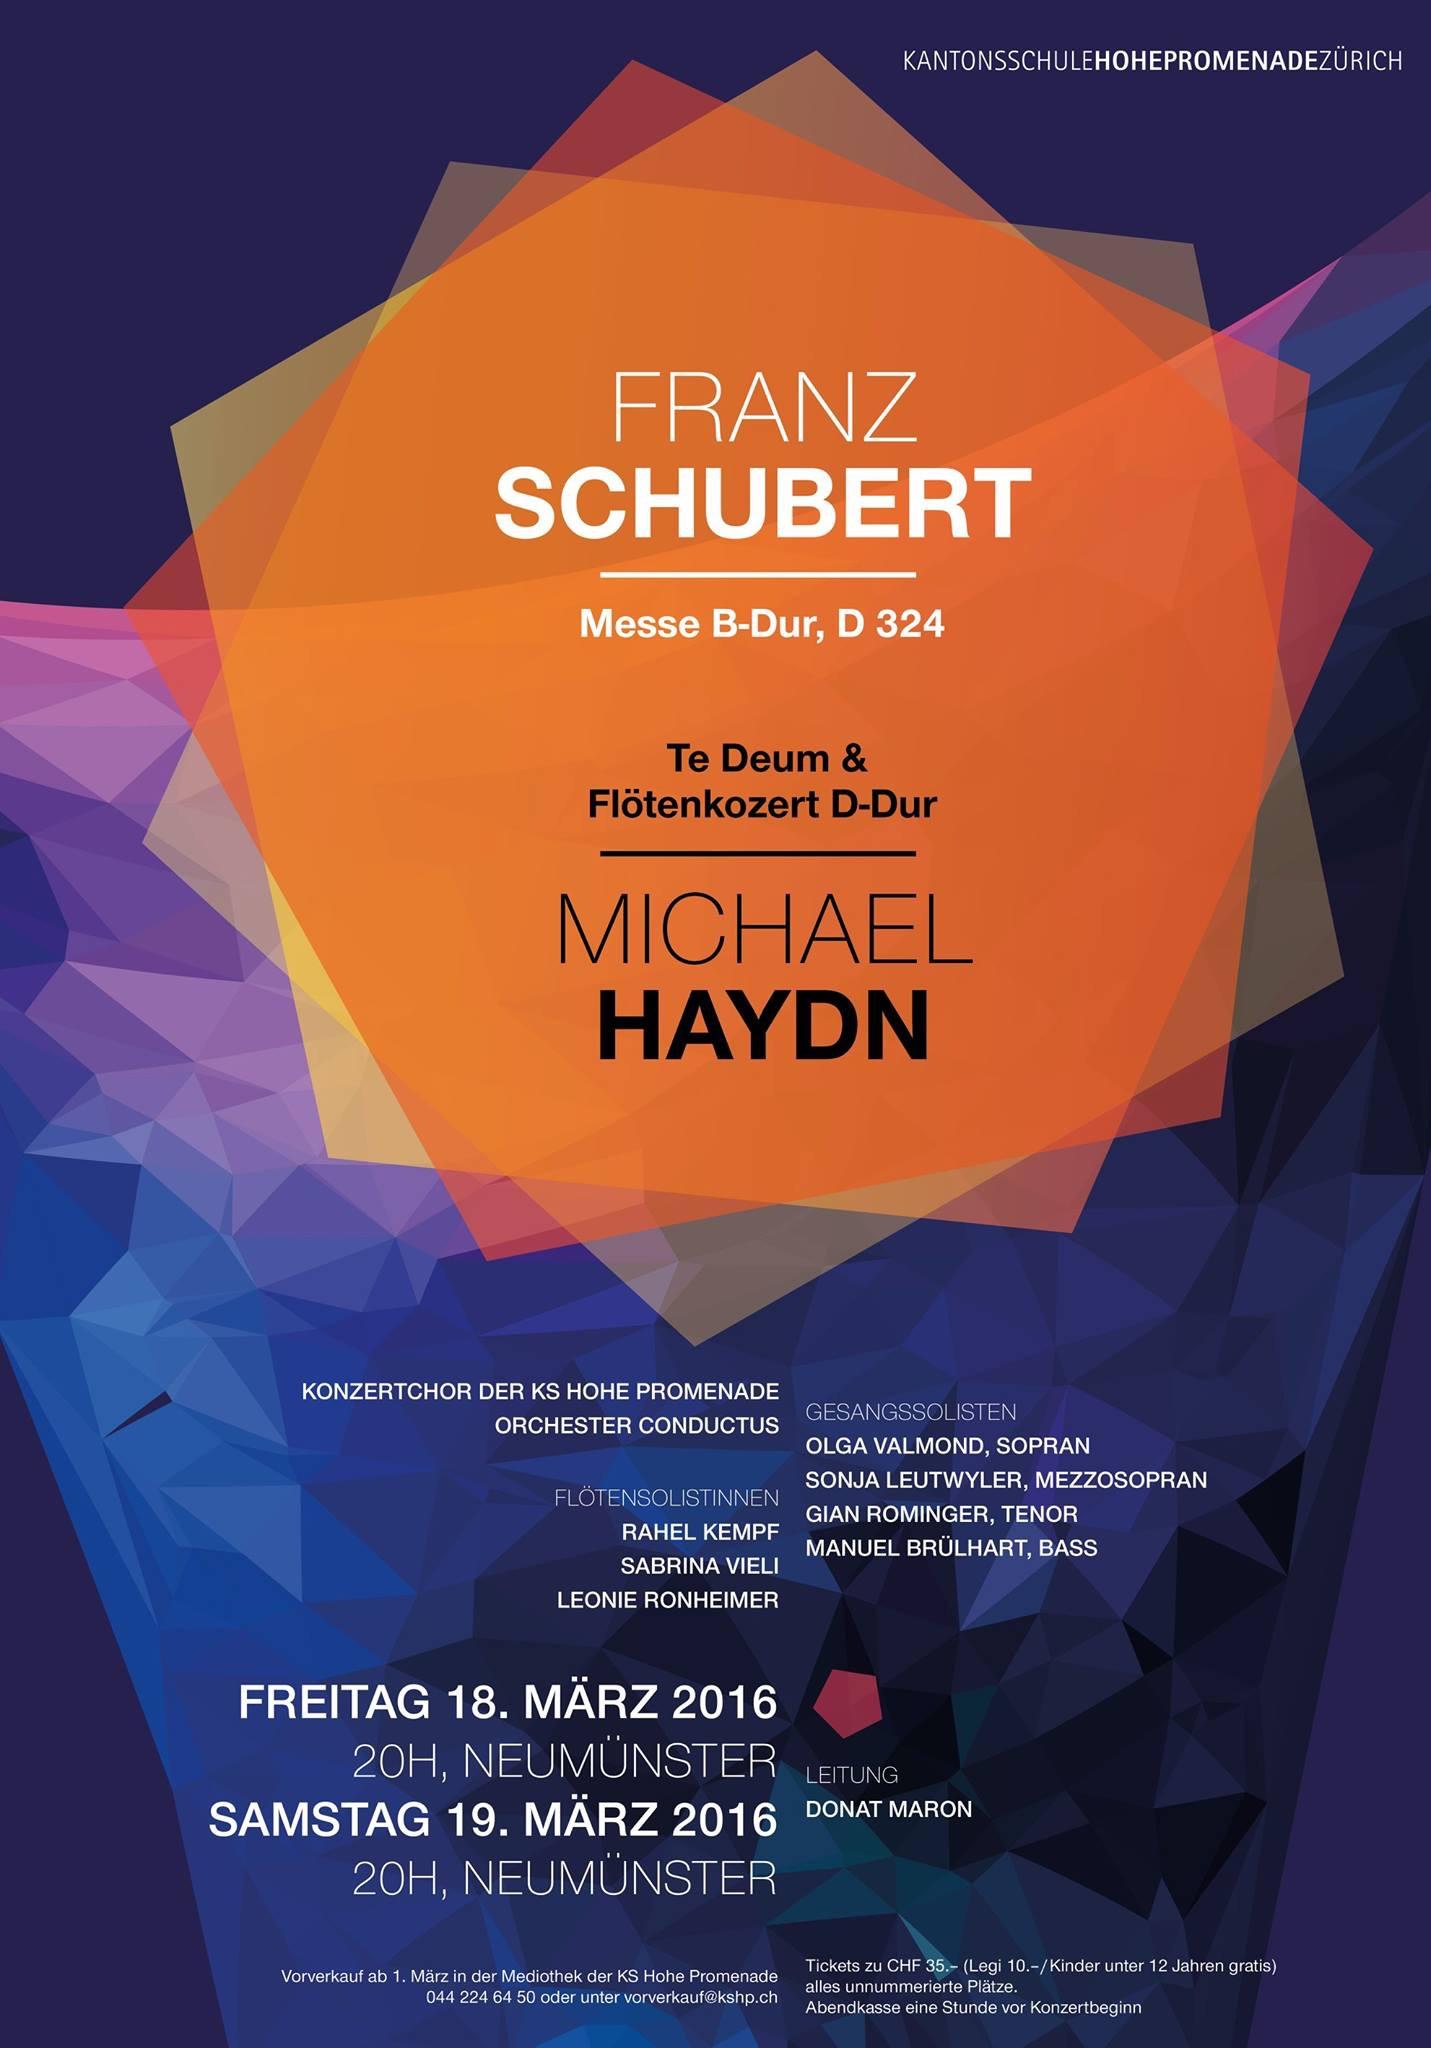 Franz Schubert, Messe B-Dur